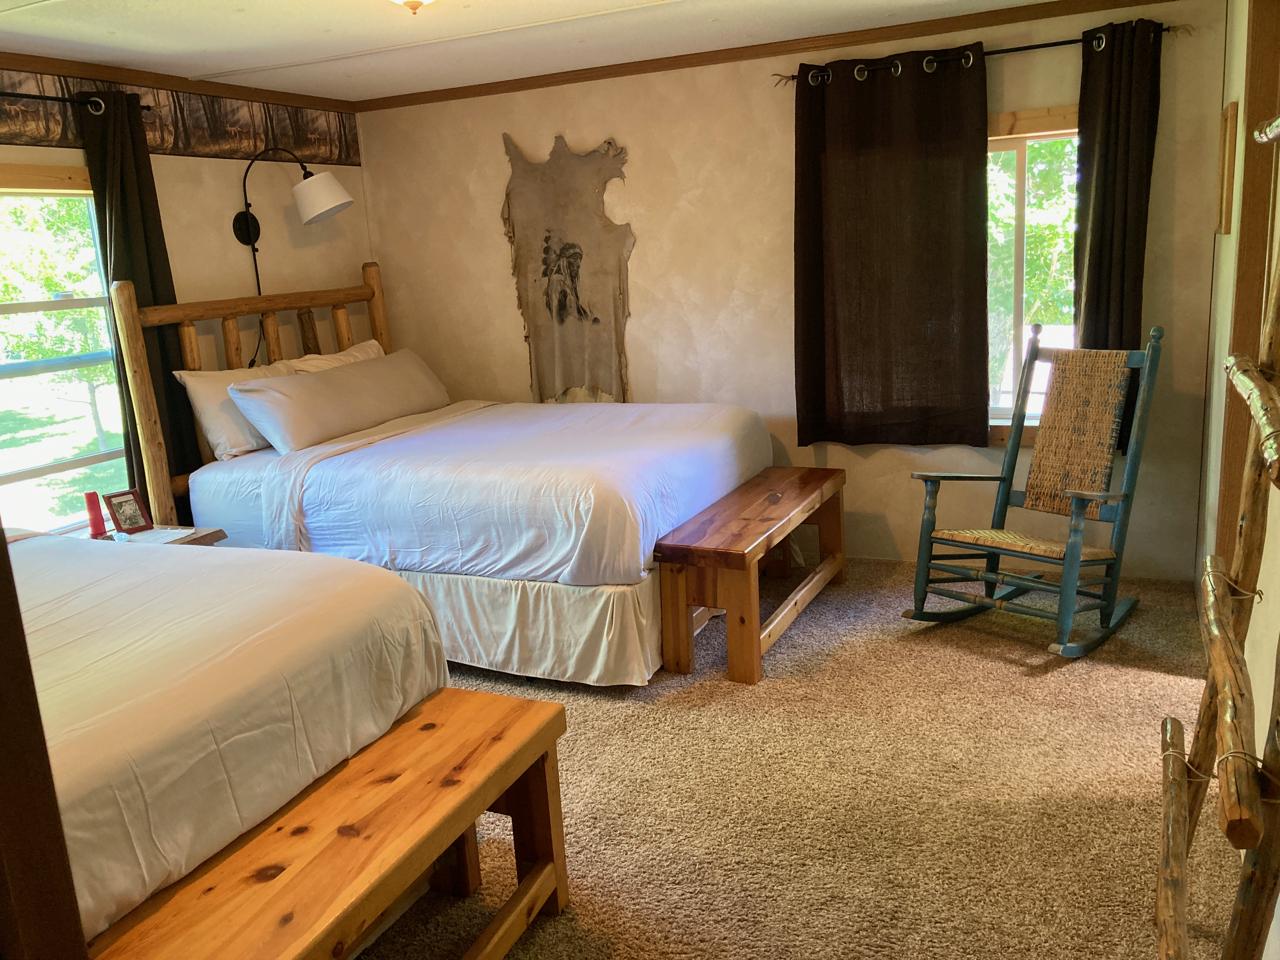 The Buckskin Room: 2 Queen Beds